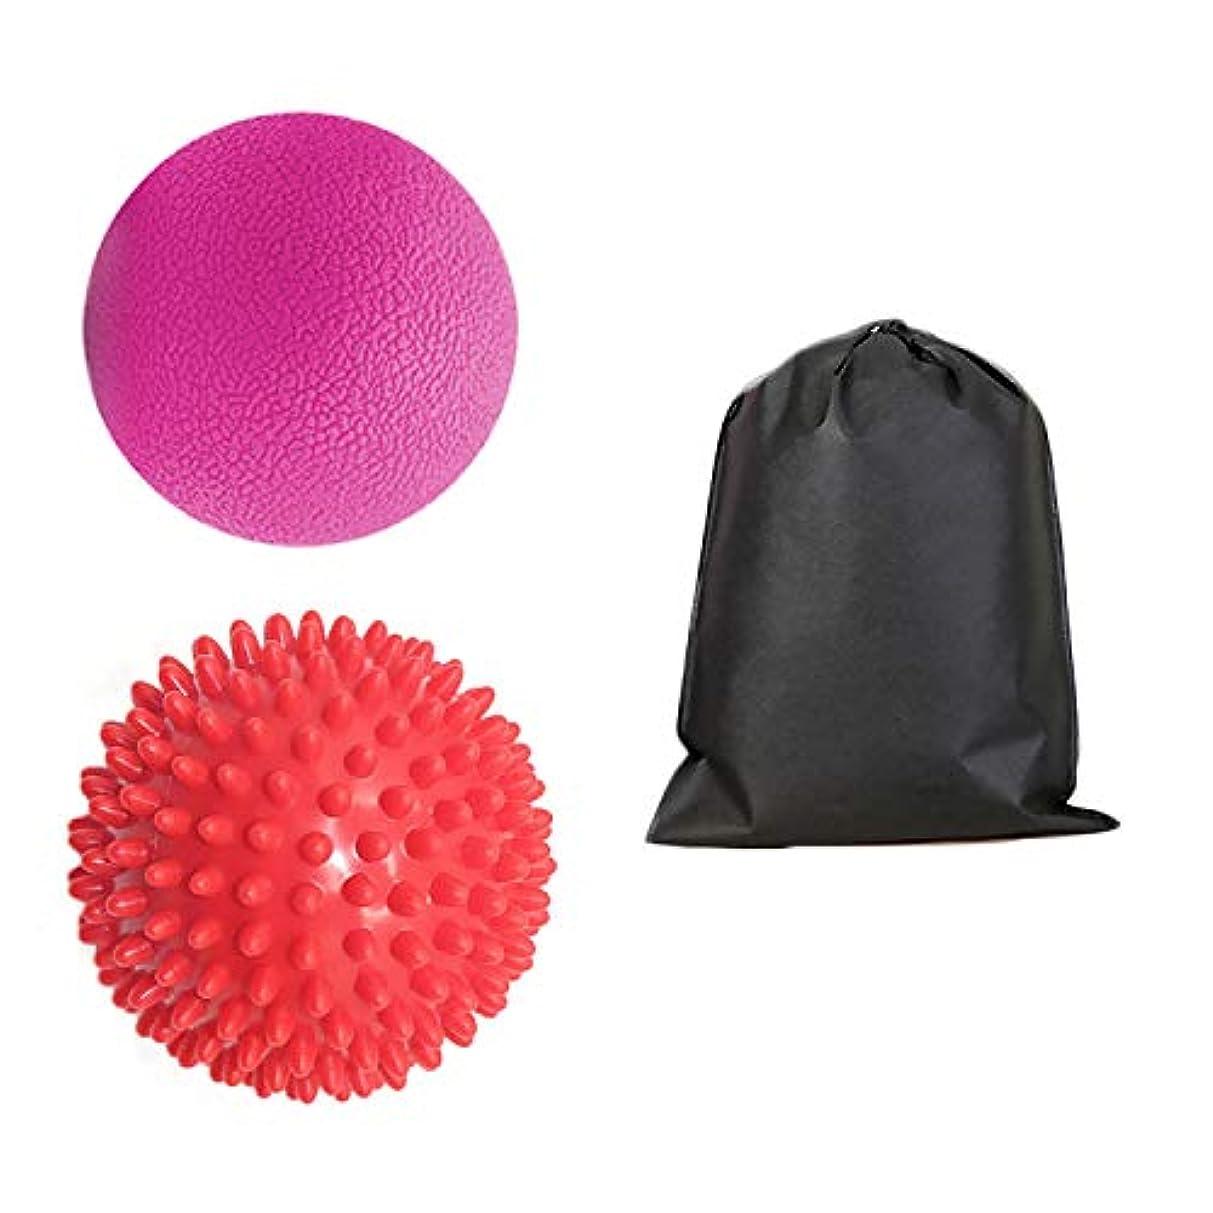 フィットネス引数化石Migavan 1個マッサージボールマッサージボールローラーマッサージボール+ 1袋スパイクマッサージローラーボールマッサージと収納バッグ